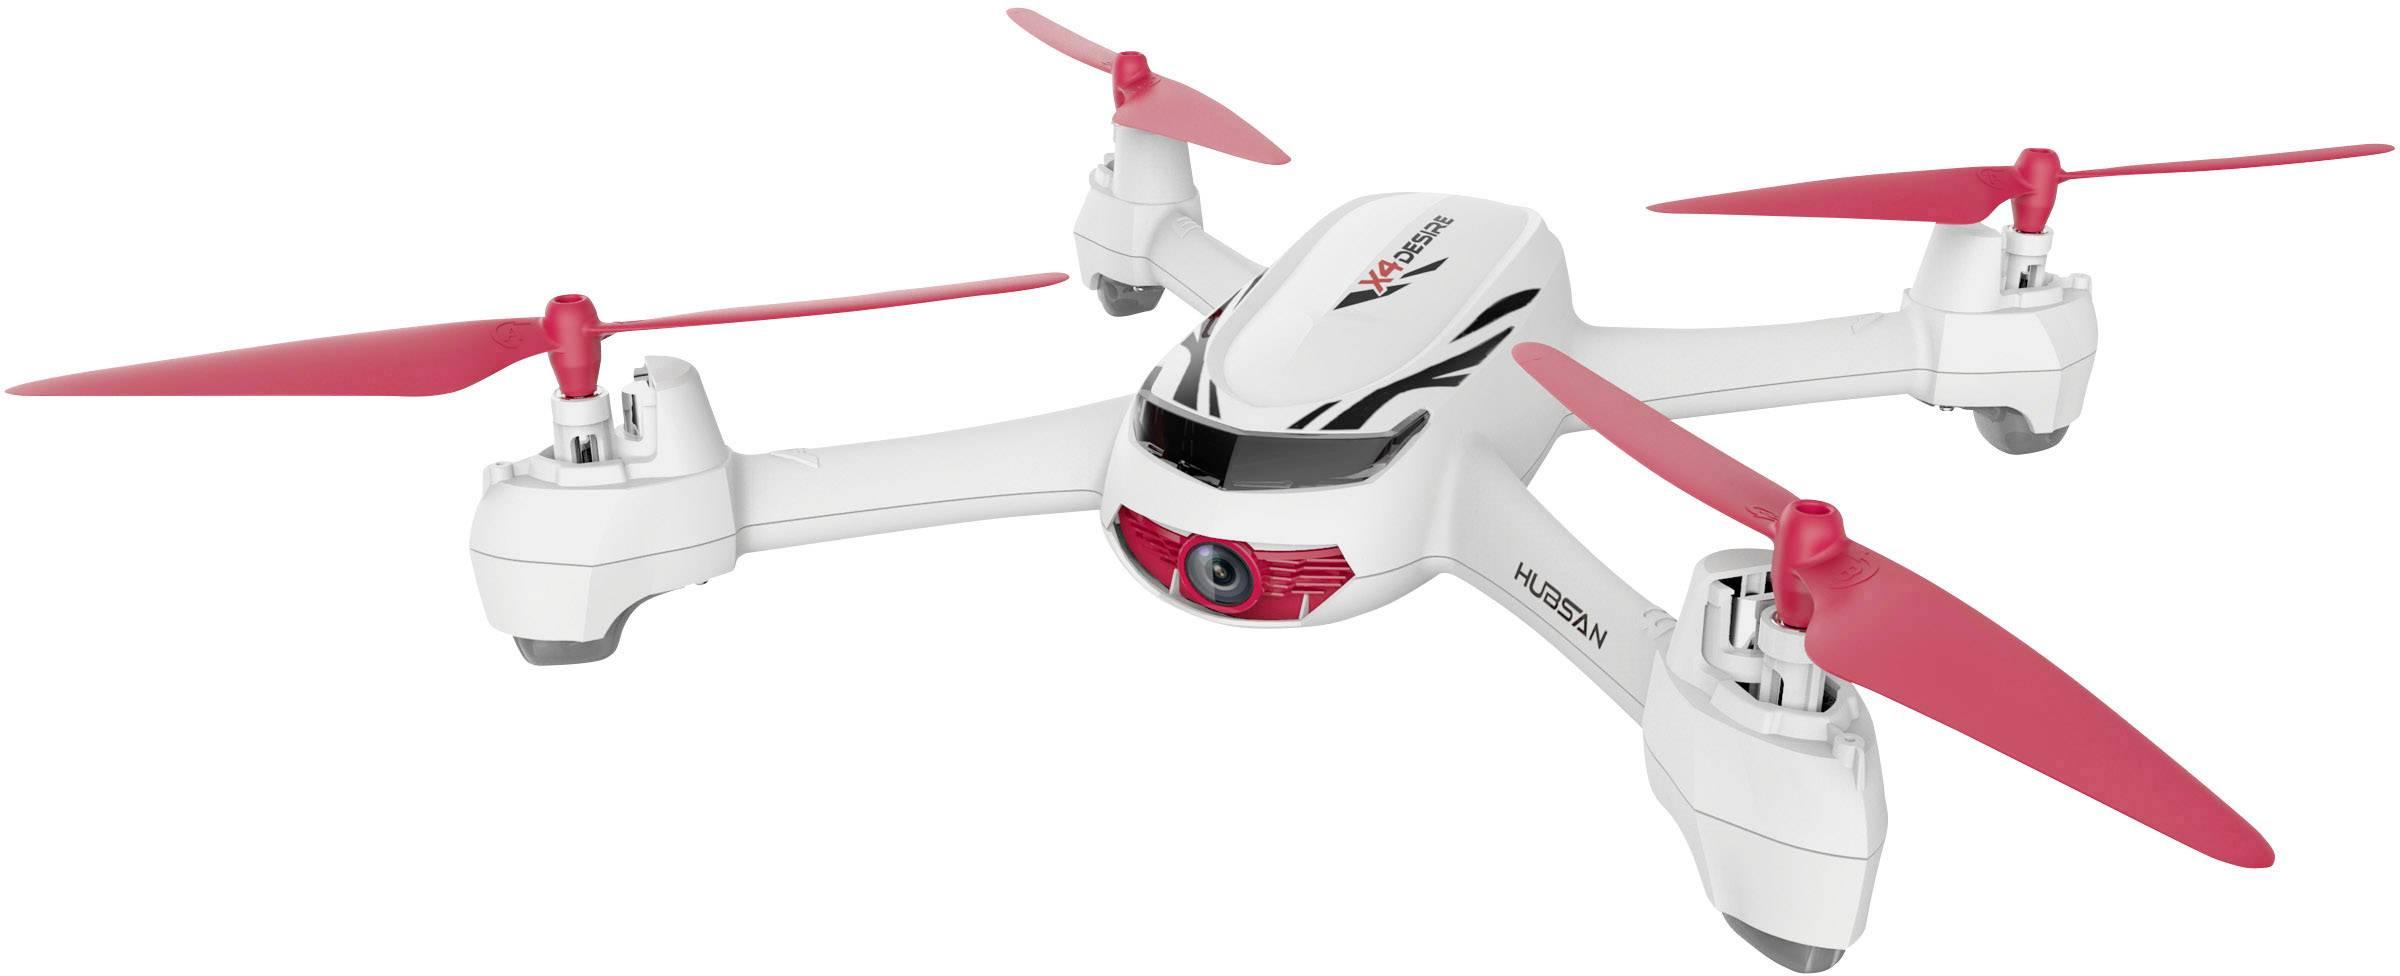 Dron Hubsan X4 Desire, RtF, s kamerou